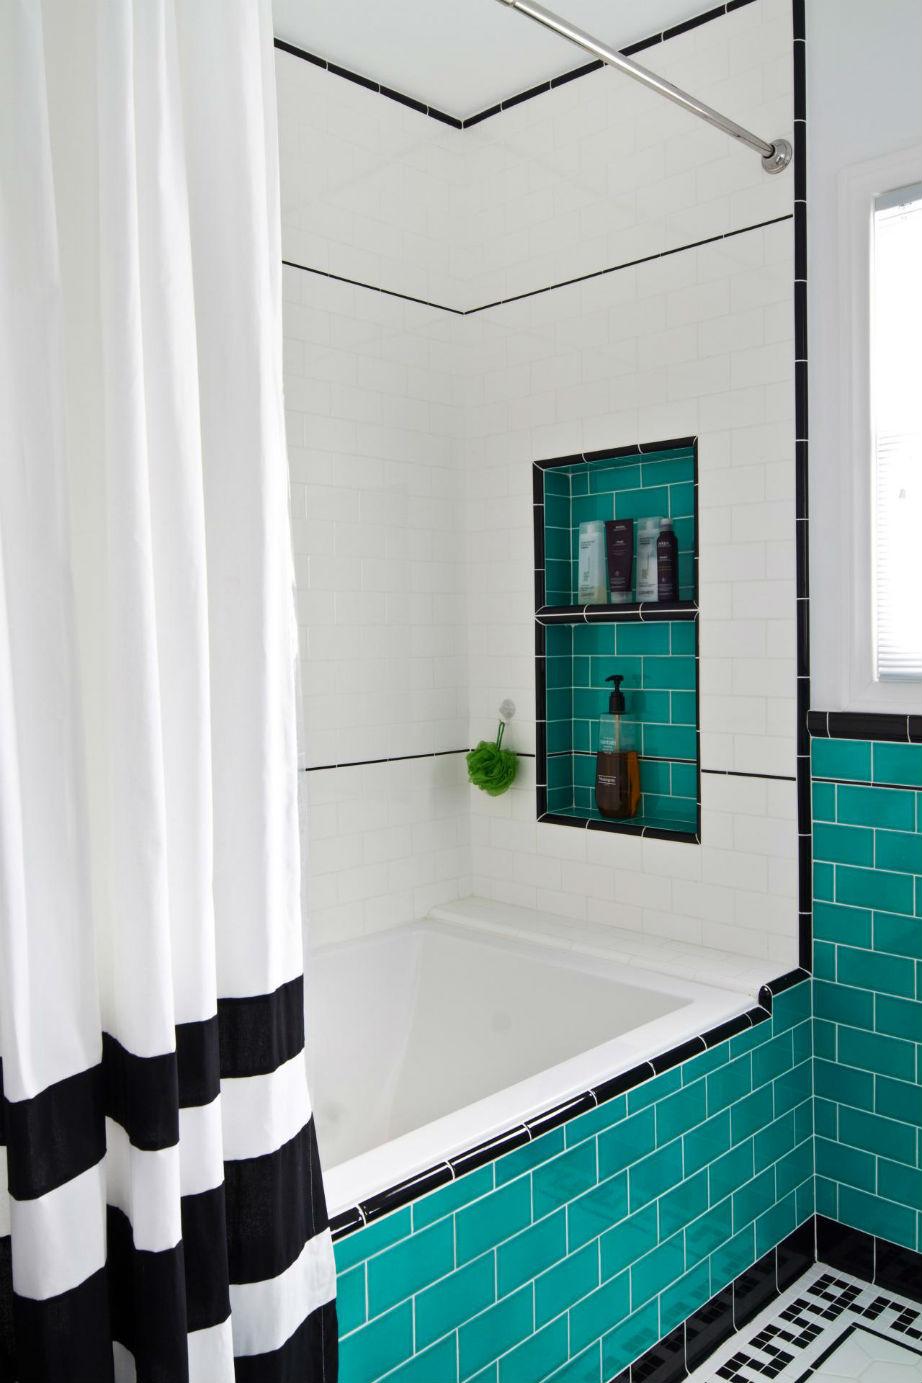 Δώστε... αέρα στη μπανιέρα και τη ντουζιέρα σας!